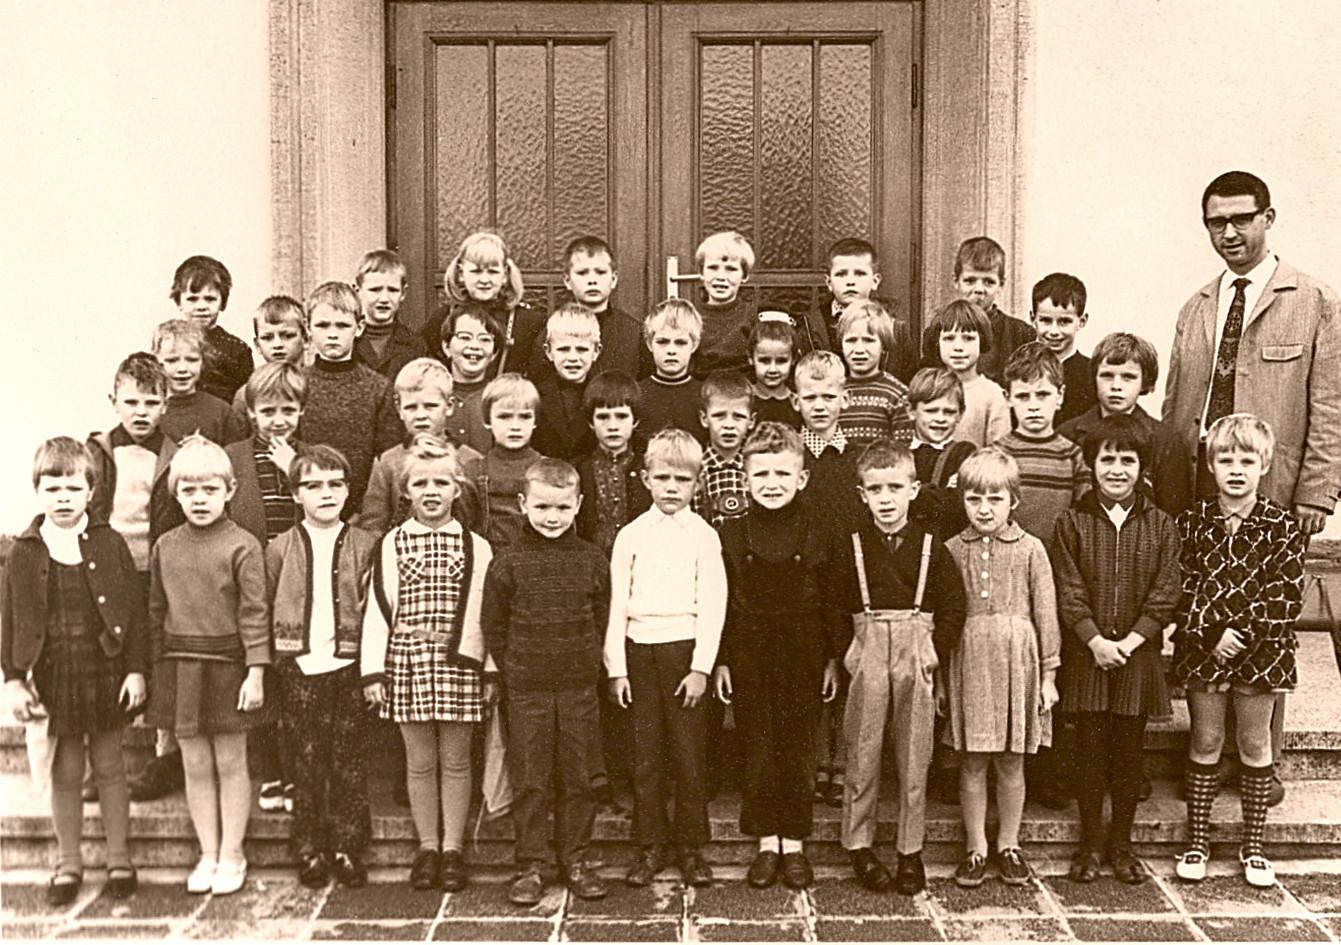 Jahrgang 1960, Bild: Gohl,Reinhard